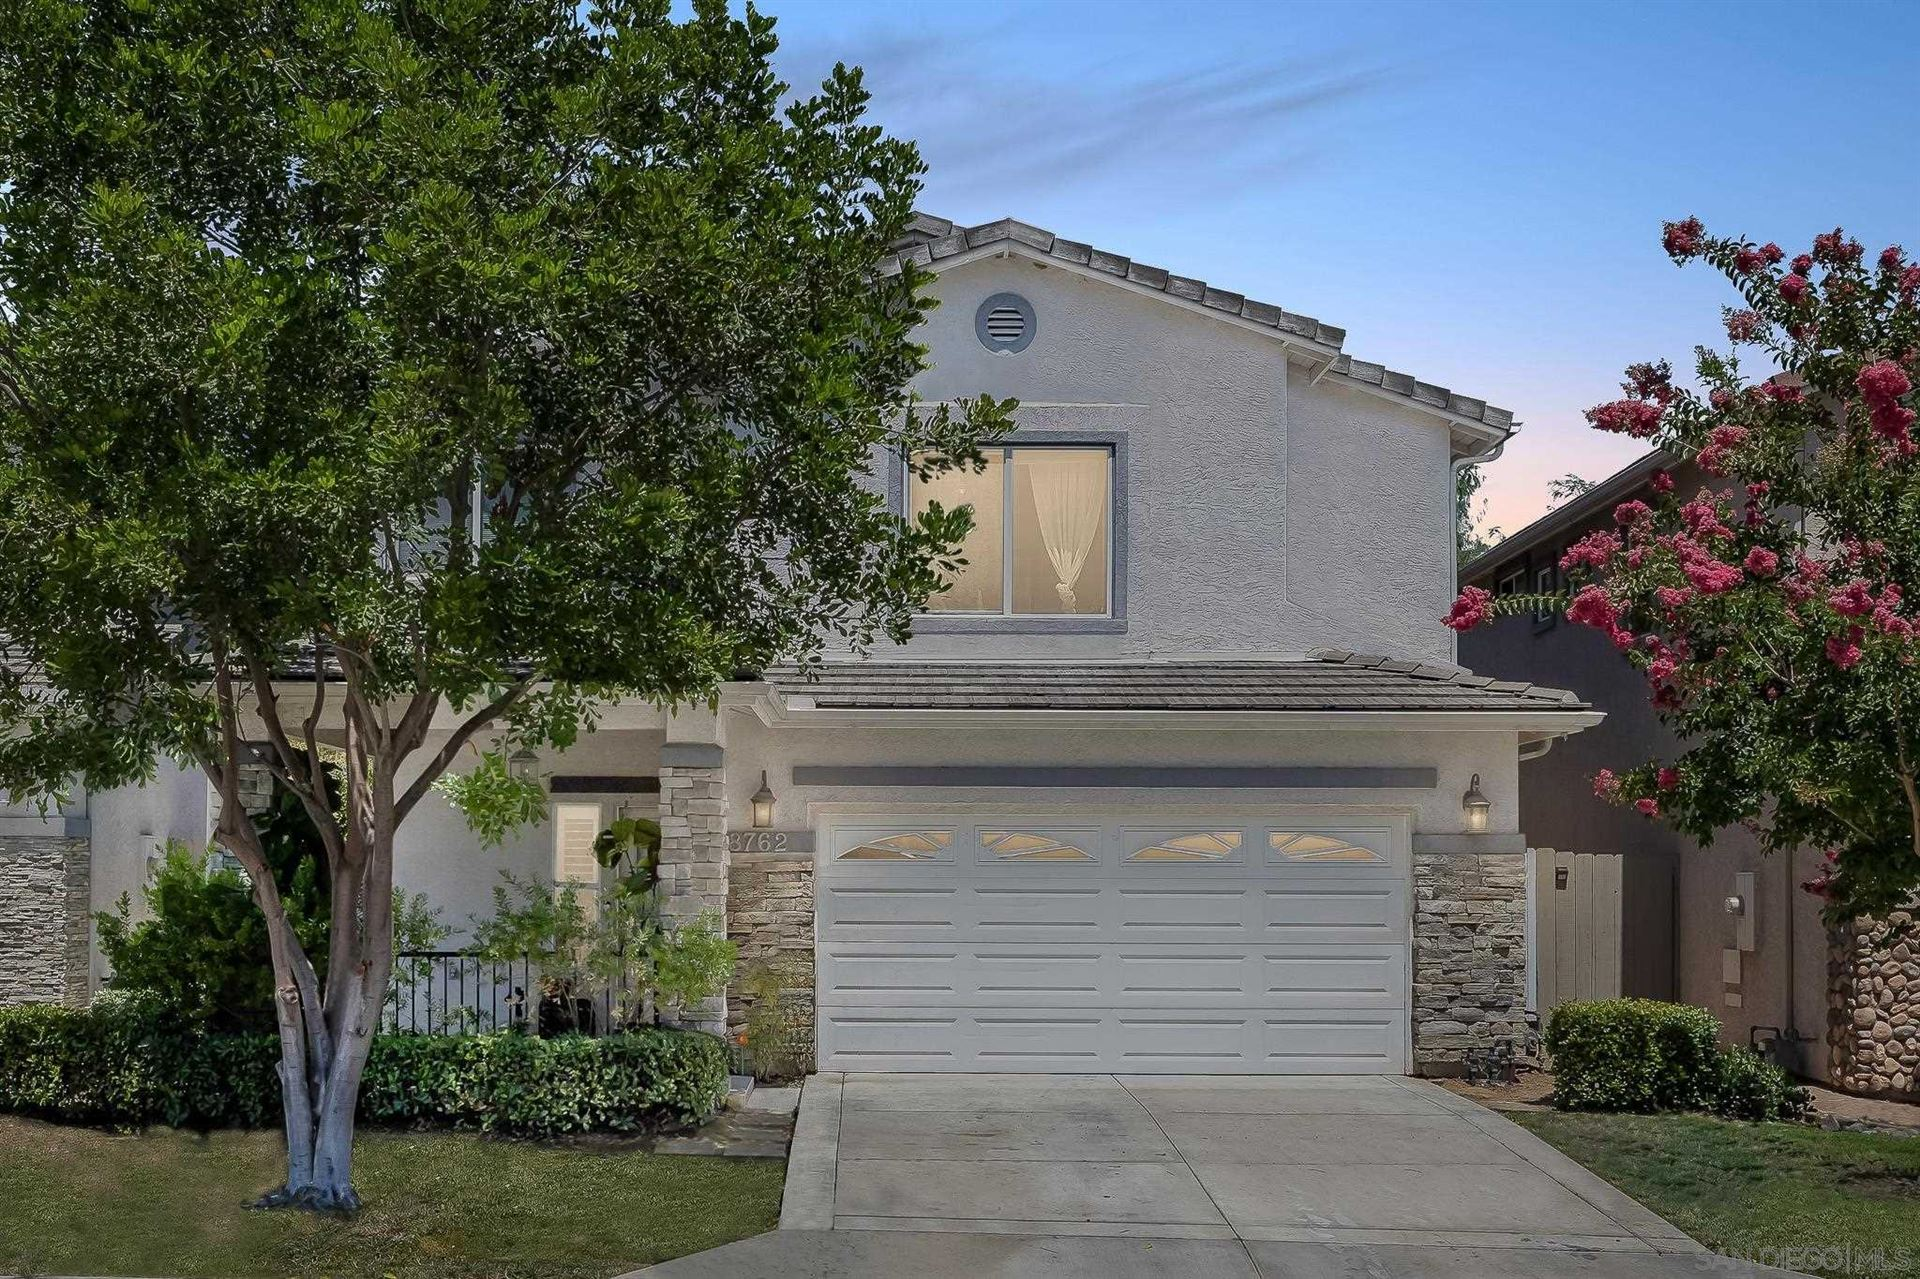 Photo of 8762 Glen Vista Way, Santee, CA 92071 (MLS # 210021467)